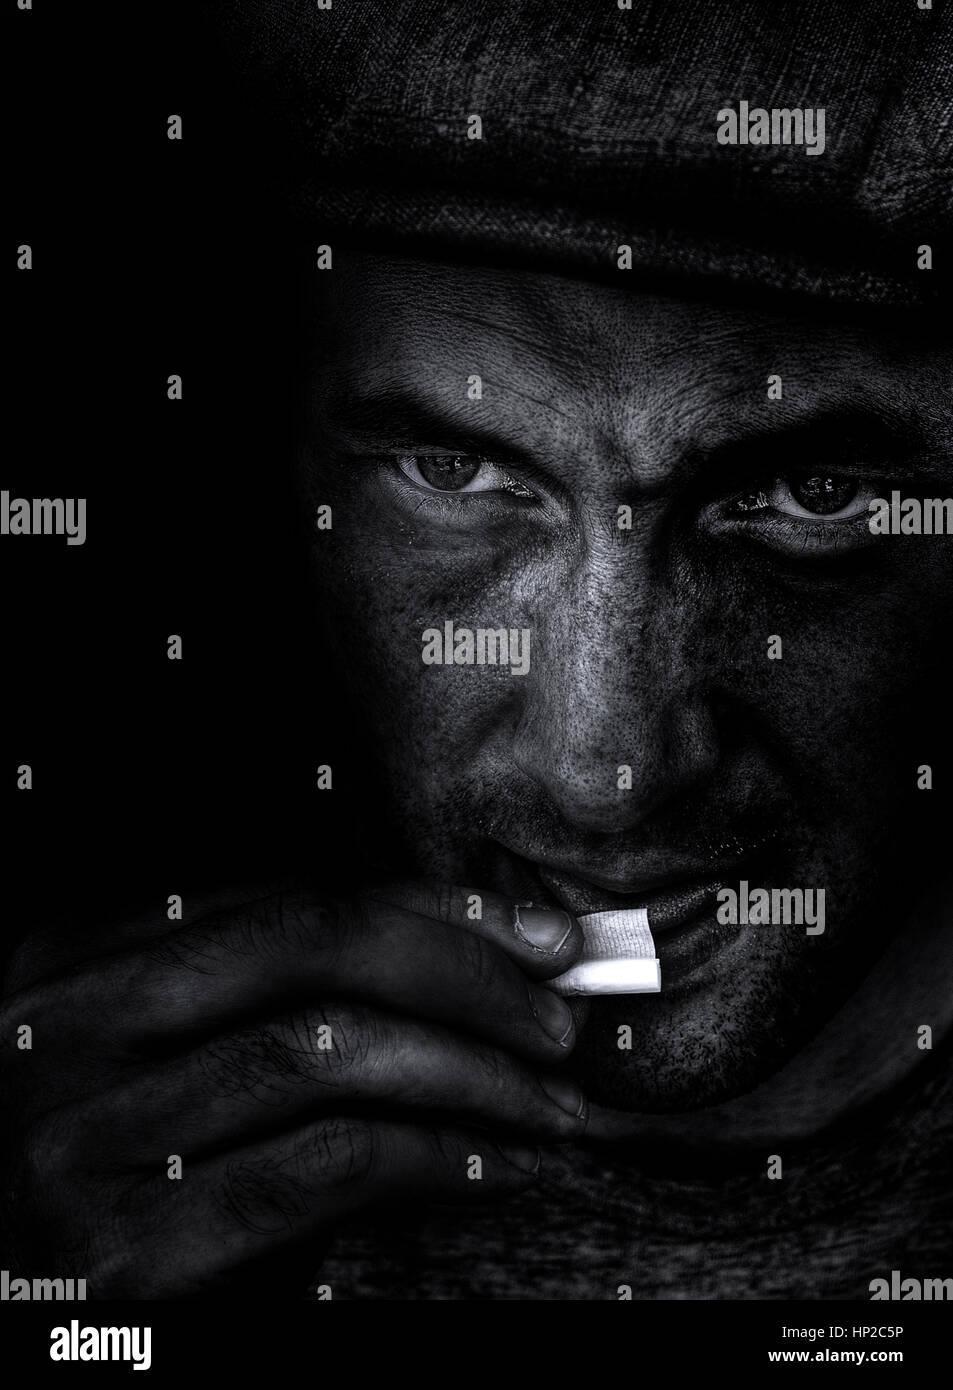 Schmutzige Mann Porträt Stockbild